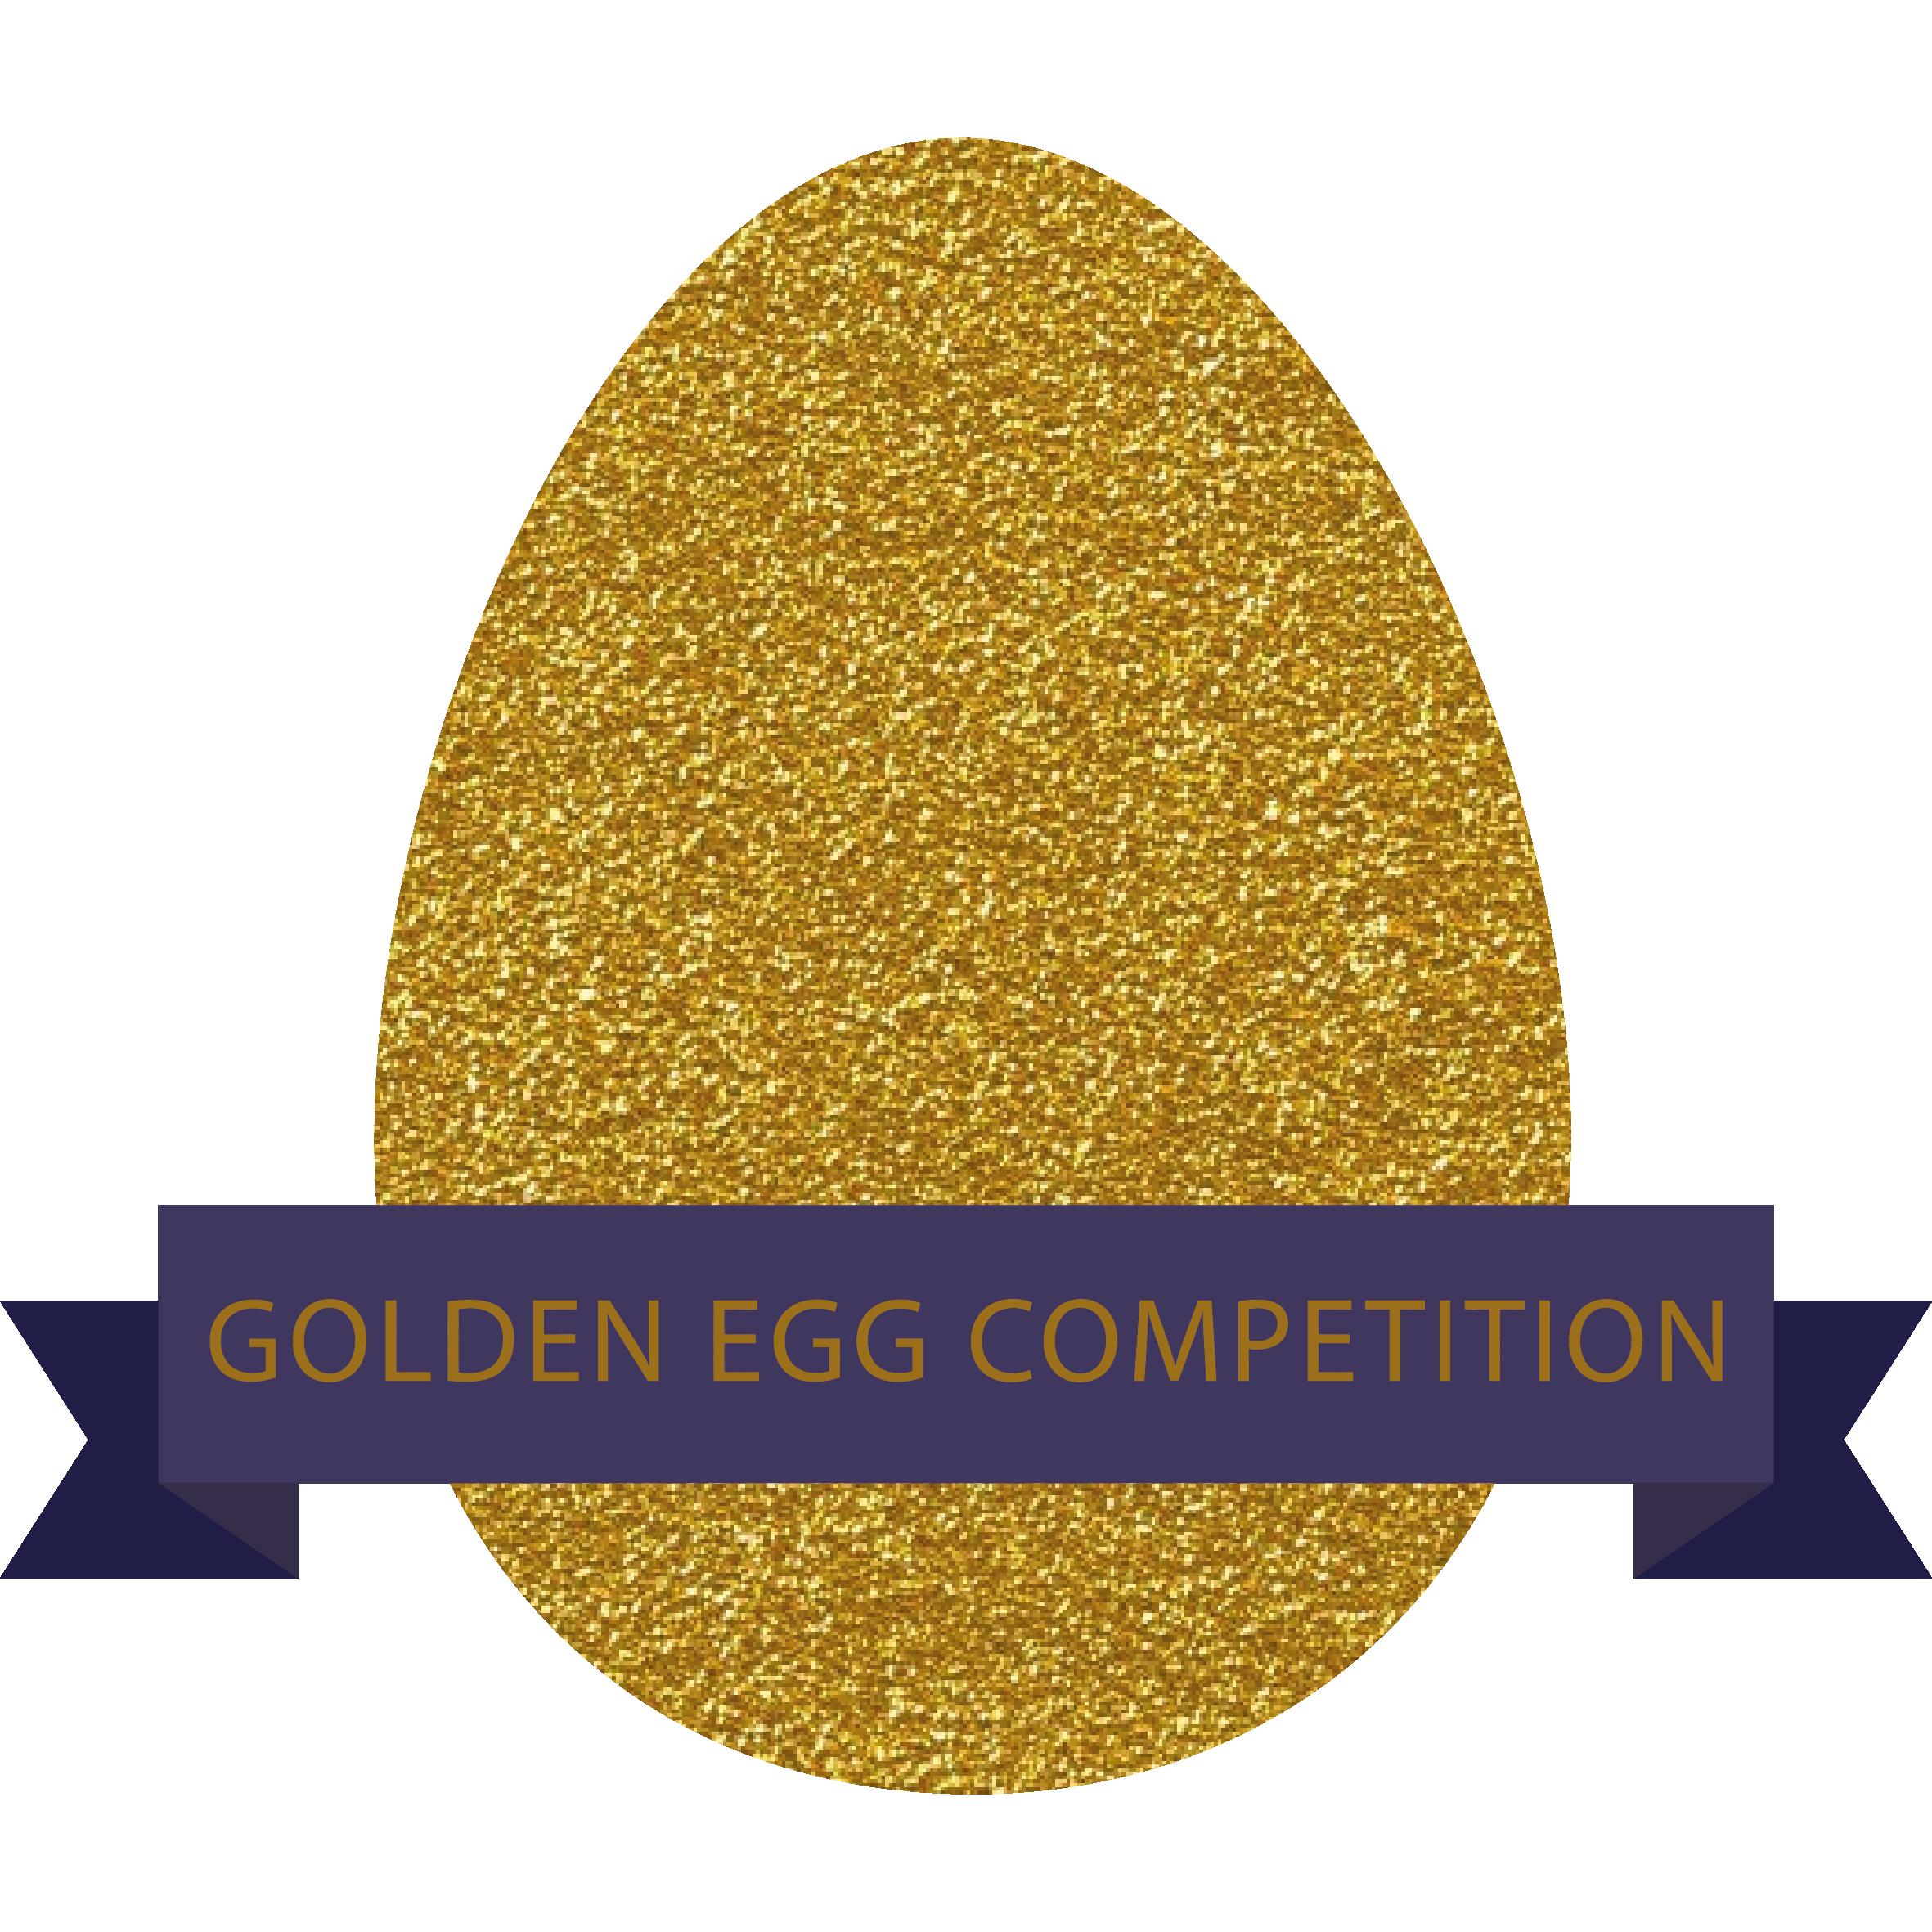 Find the Golden Egg!